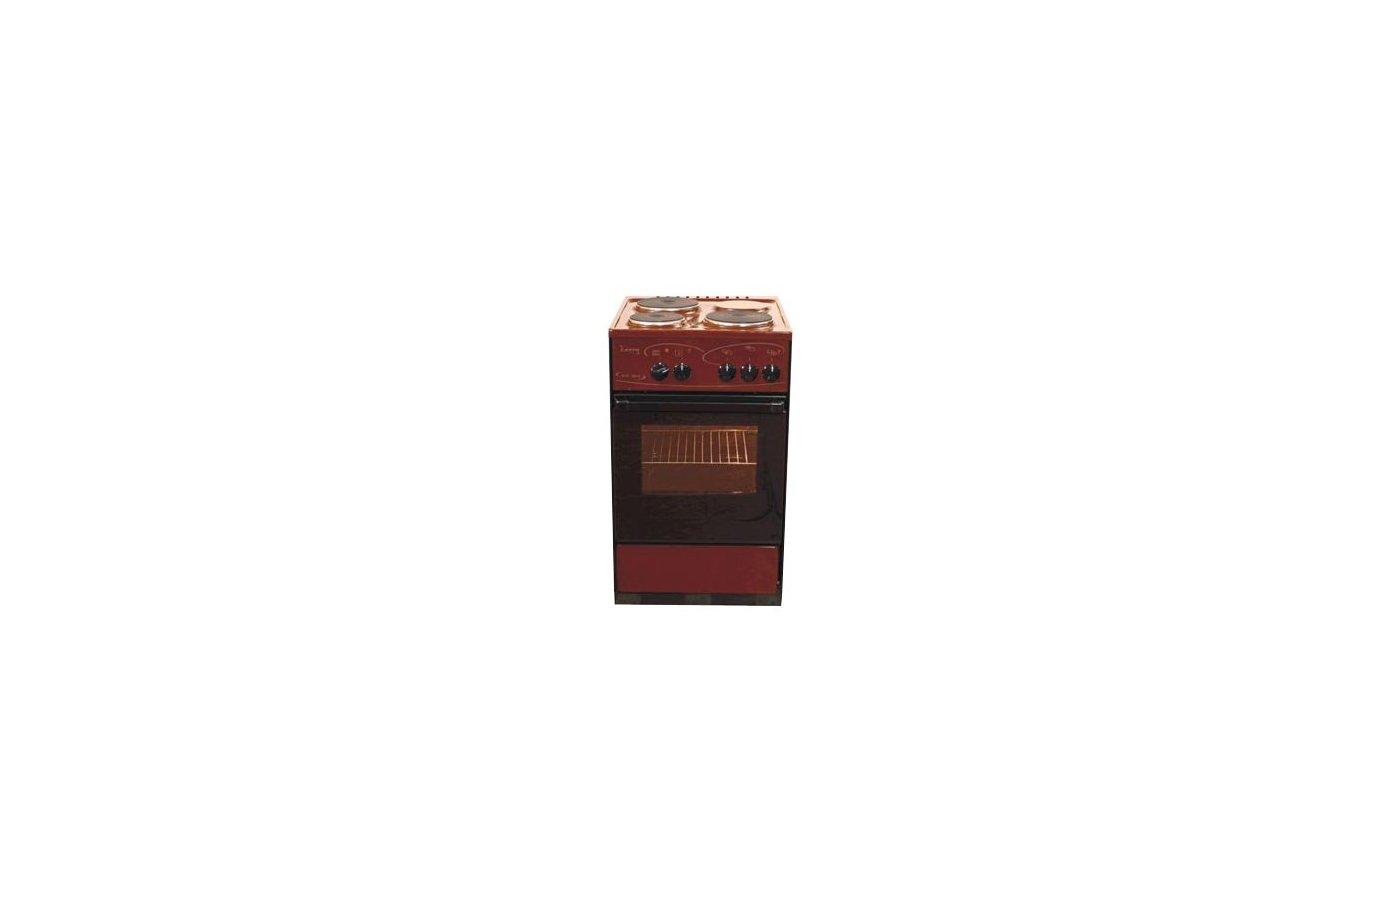 Плита электрическая ЛЫСЬВА ЭП 301 коричневая черное стекло